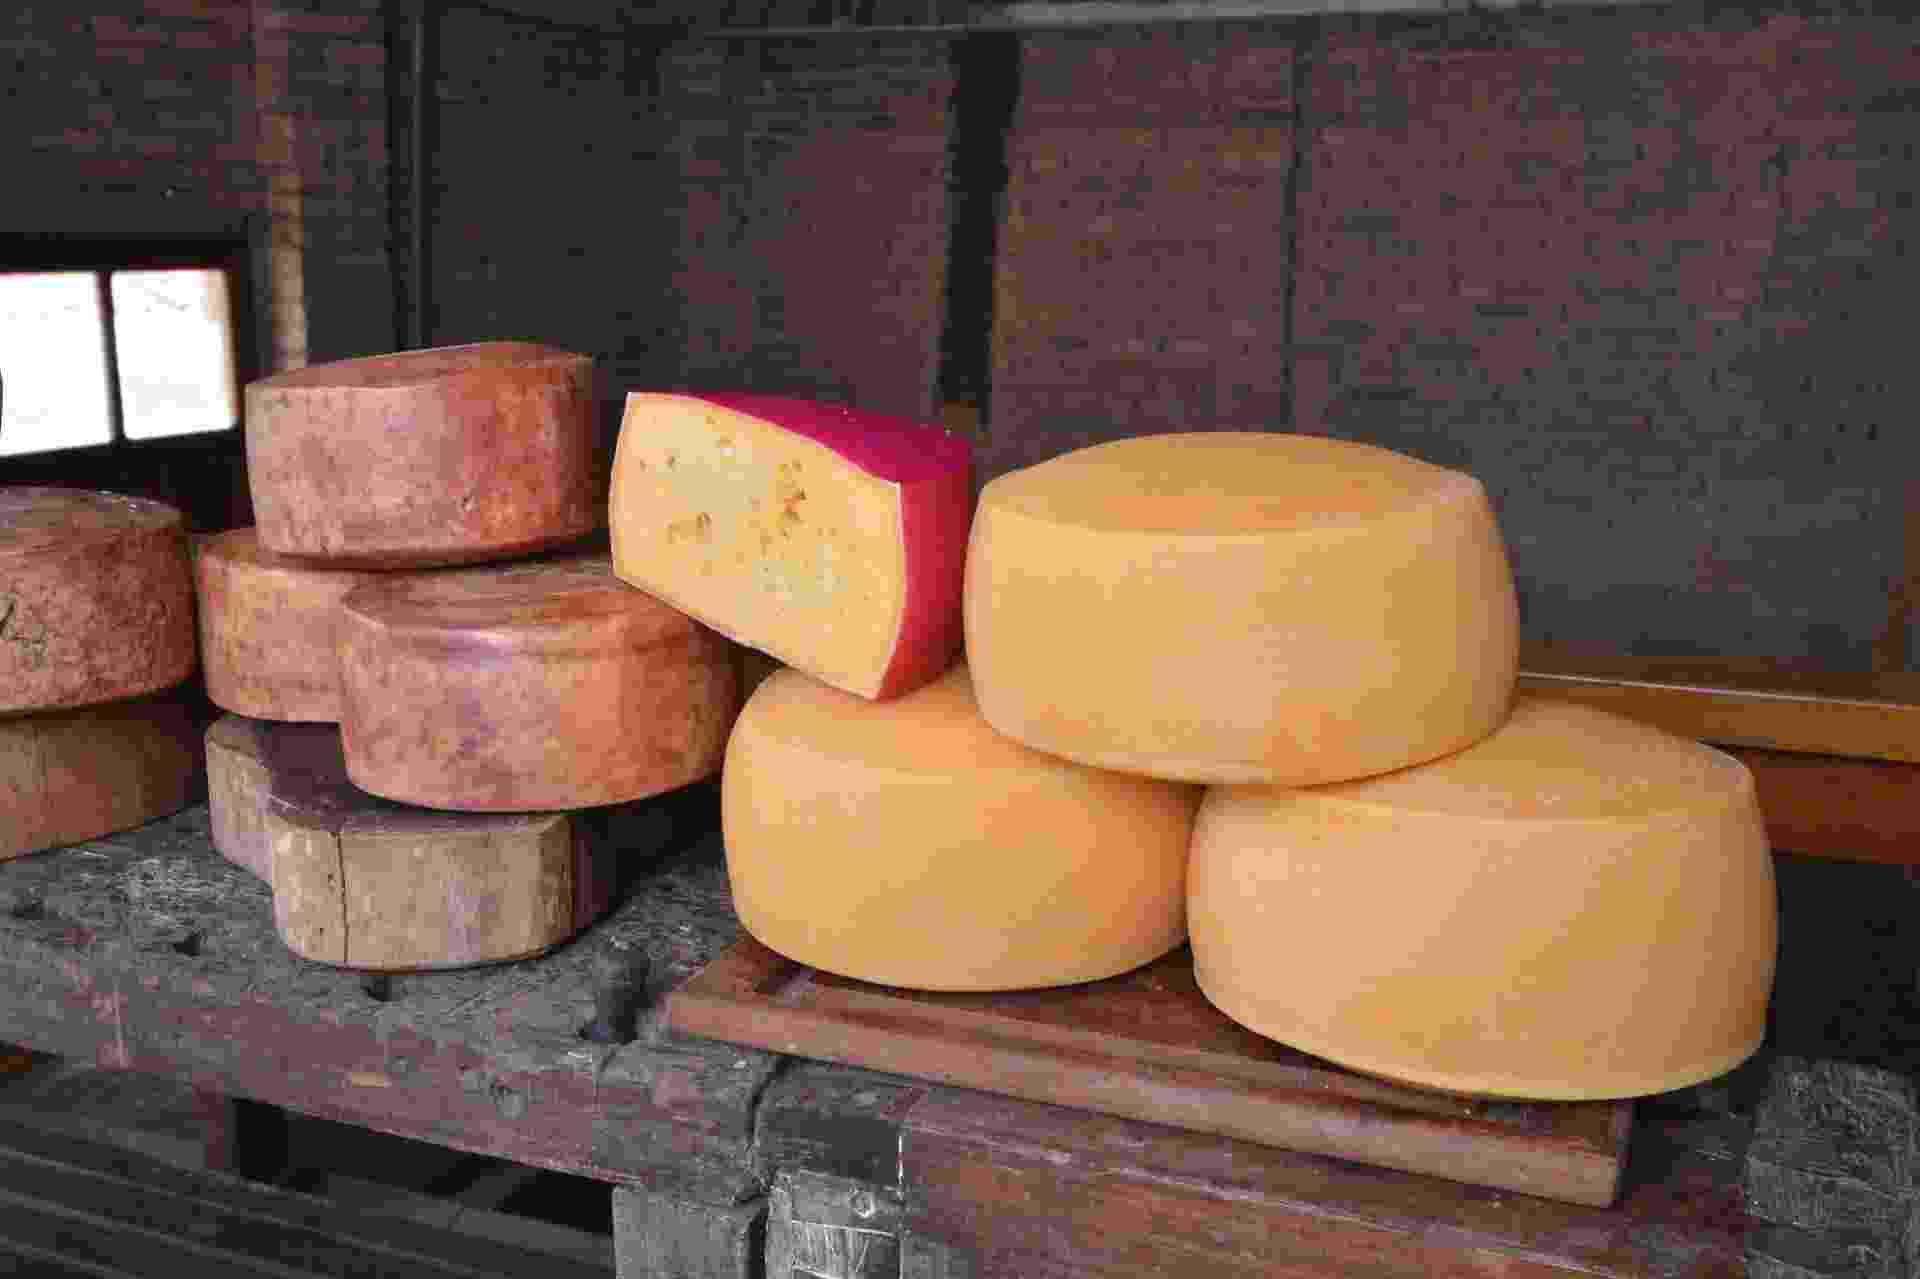 O queijo tulha (mais escuro, à esquerda) ganhou medalha de ouro na 29ª edição do World Cheese Awards, em San Sebastian, na Espanha - Arquivo pessoal